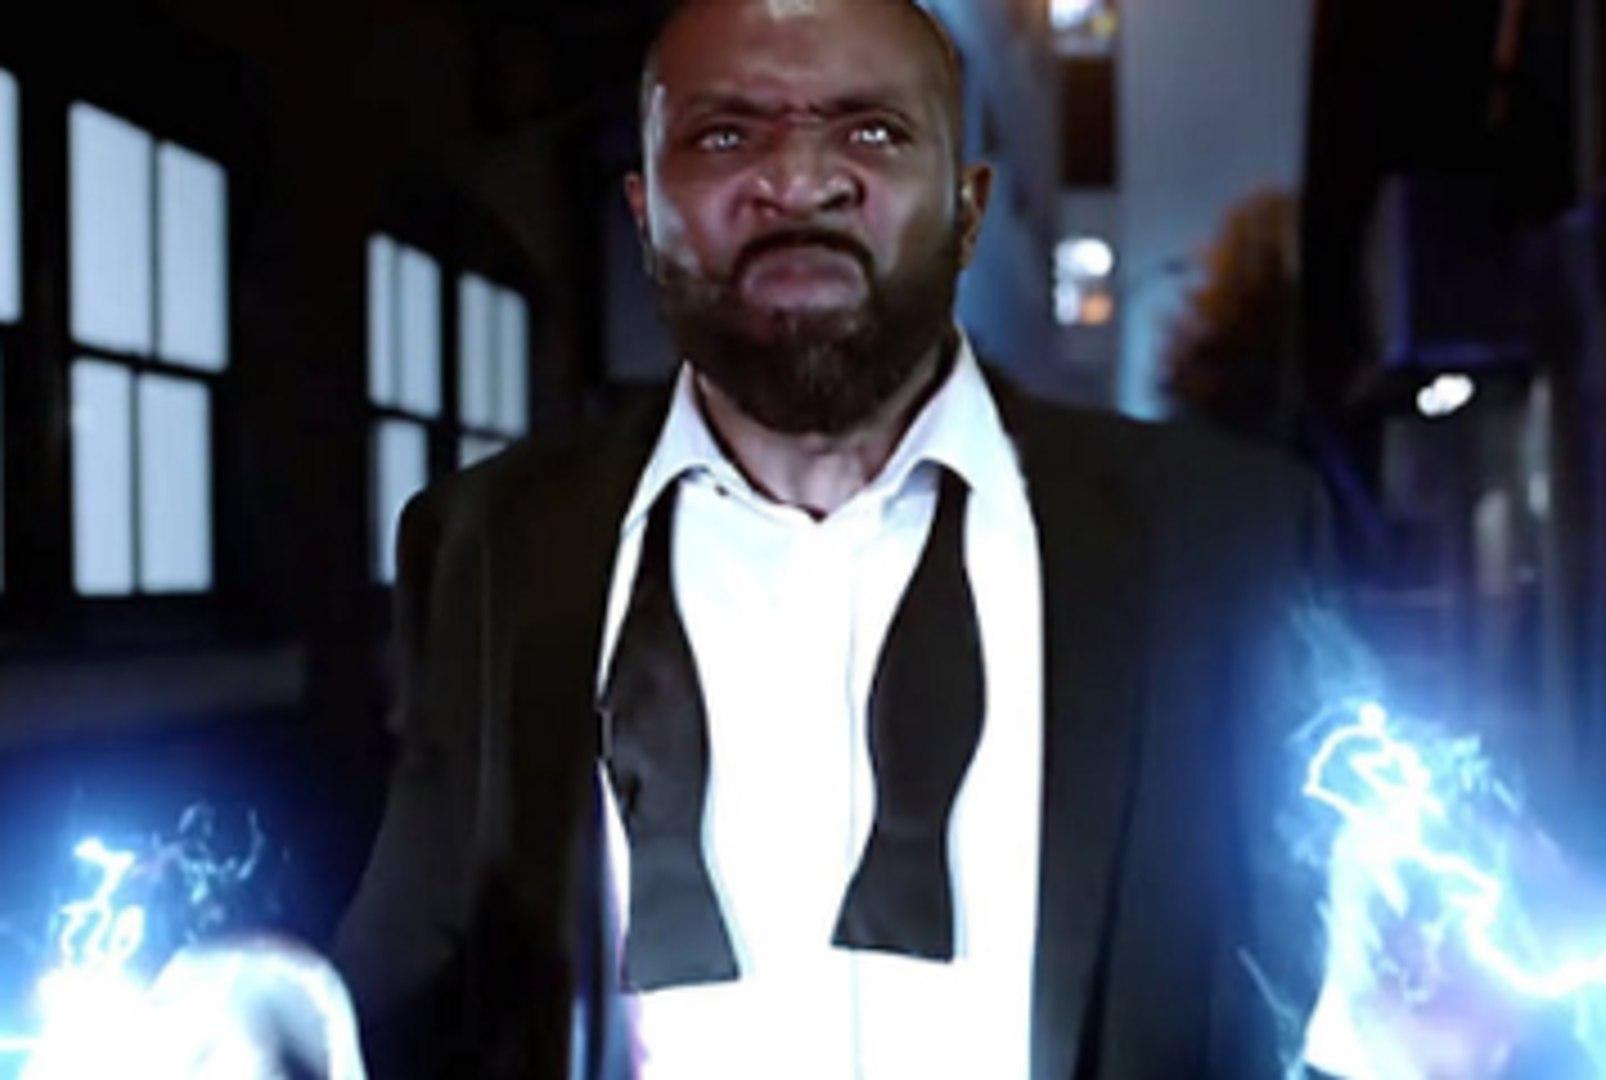 Black Lightning Season 1 Episode 4 Full